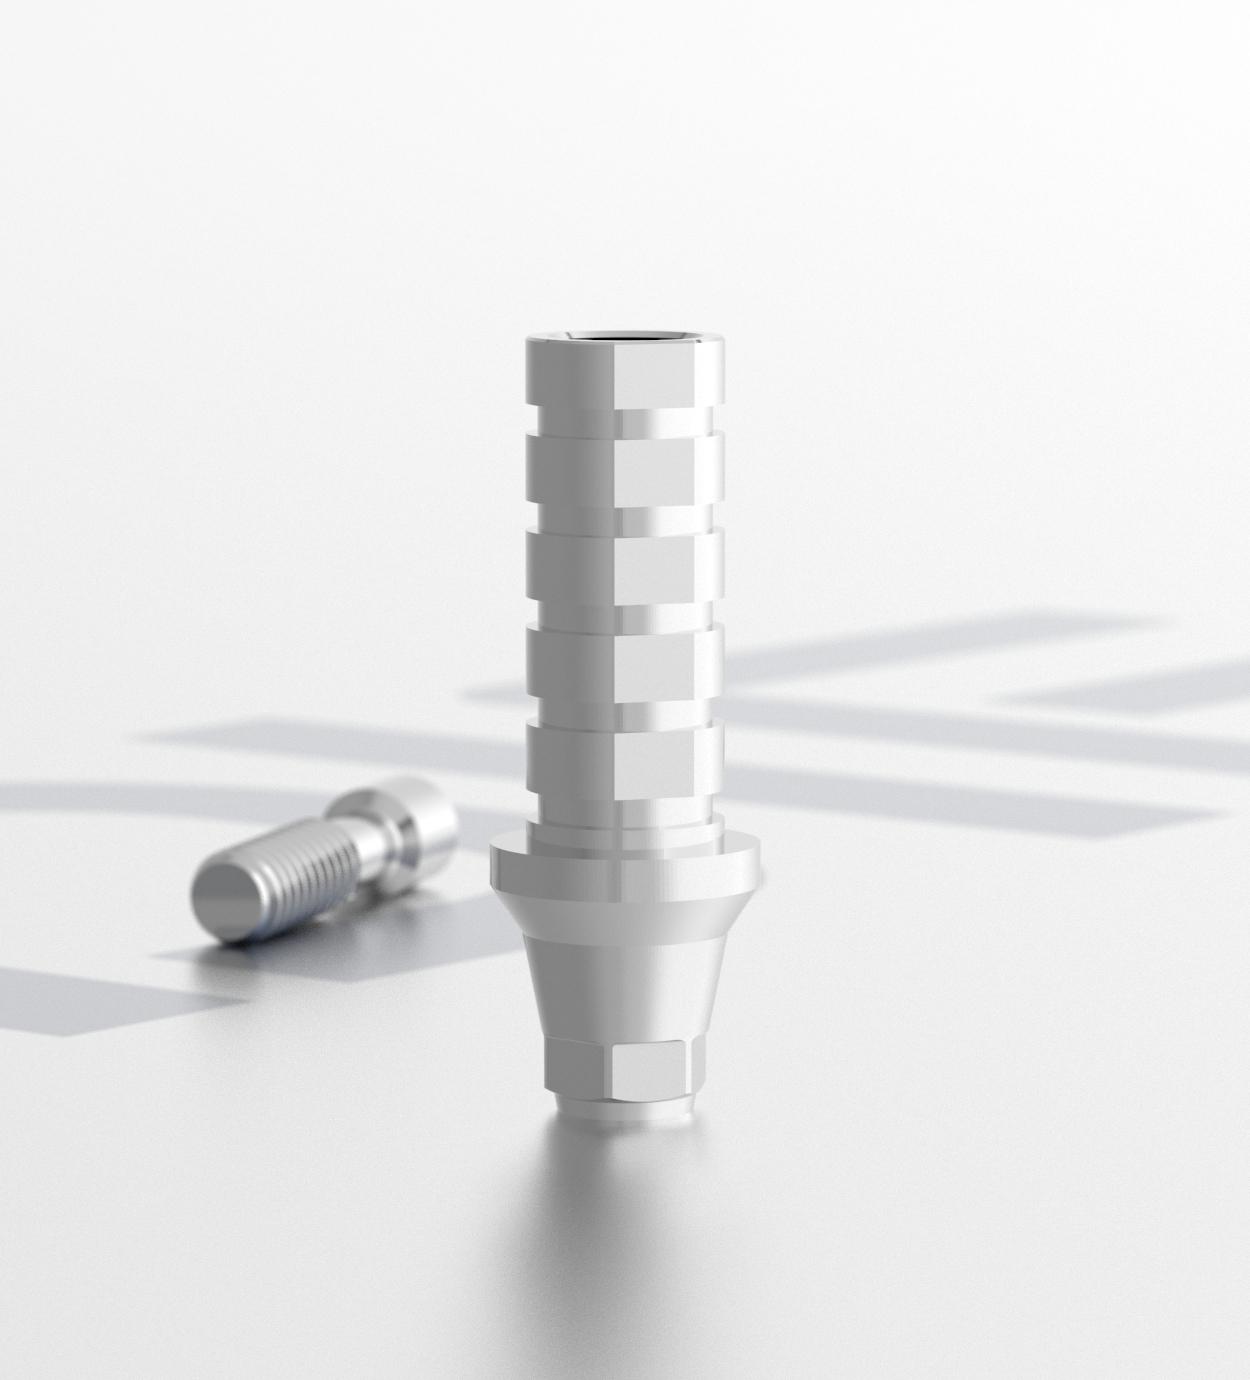 Абатмент временный Mainstream Ø4.5 мм